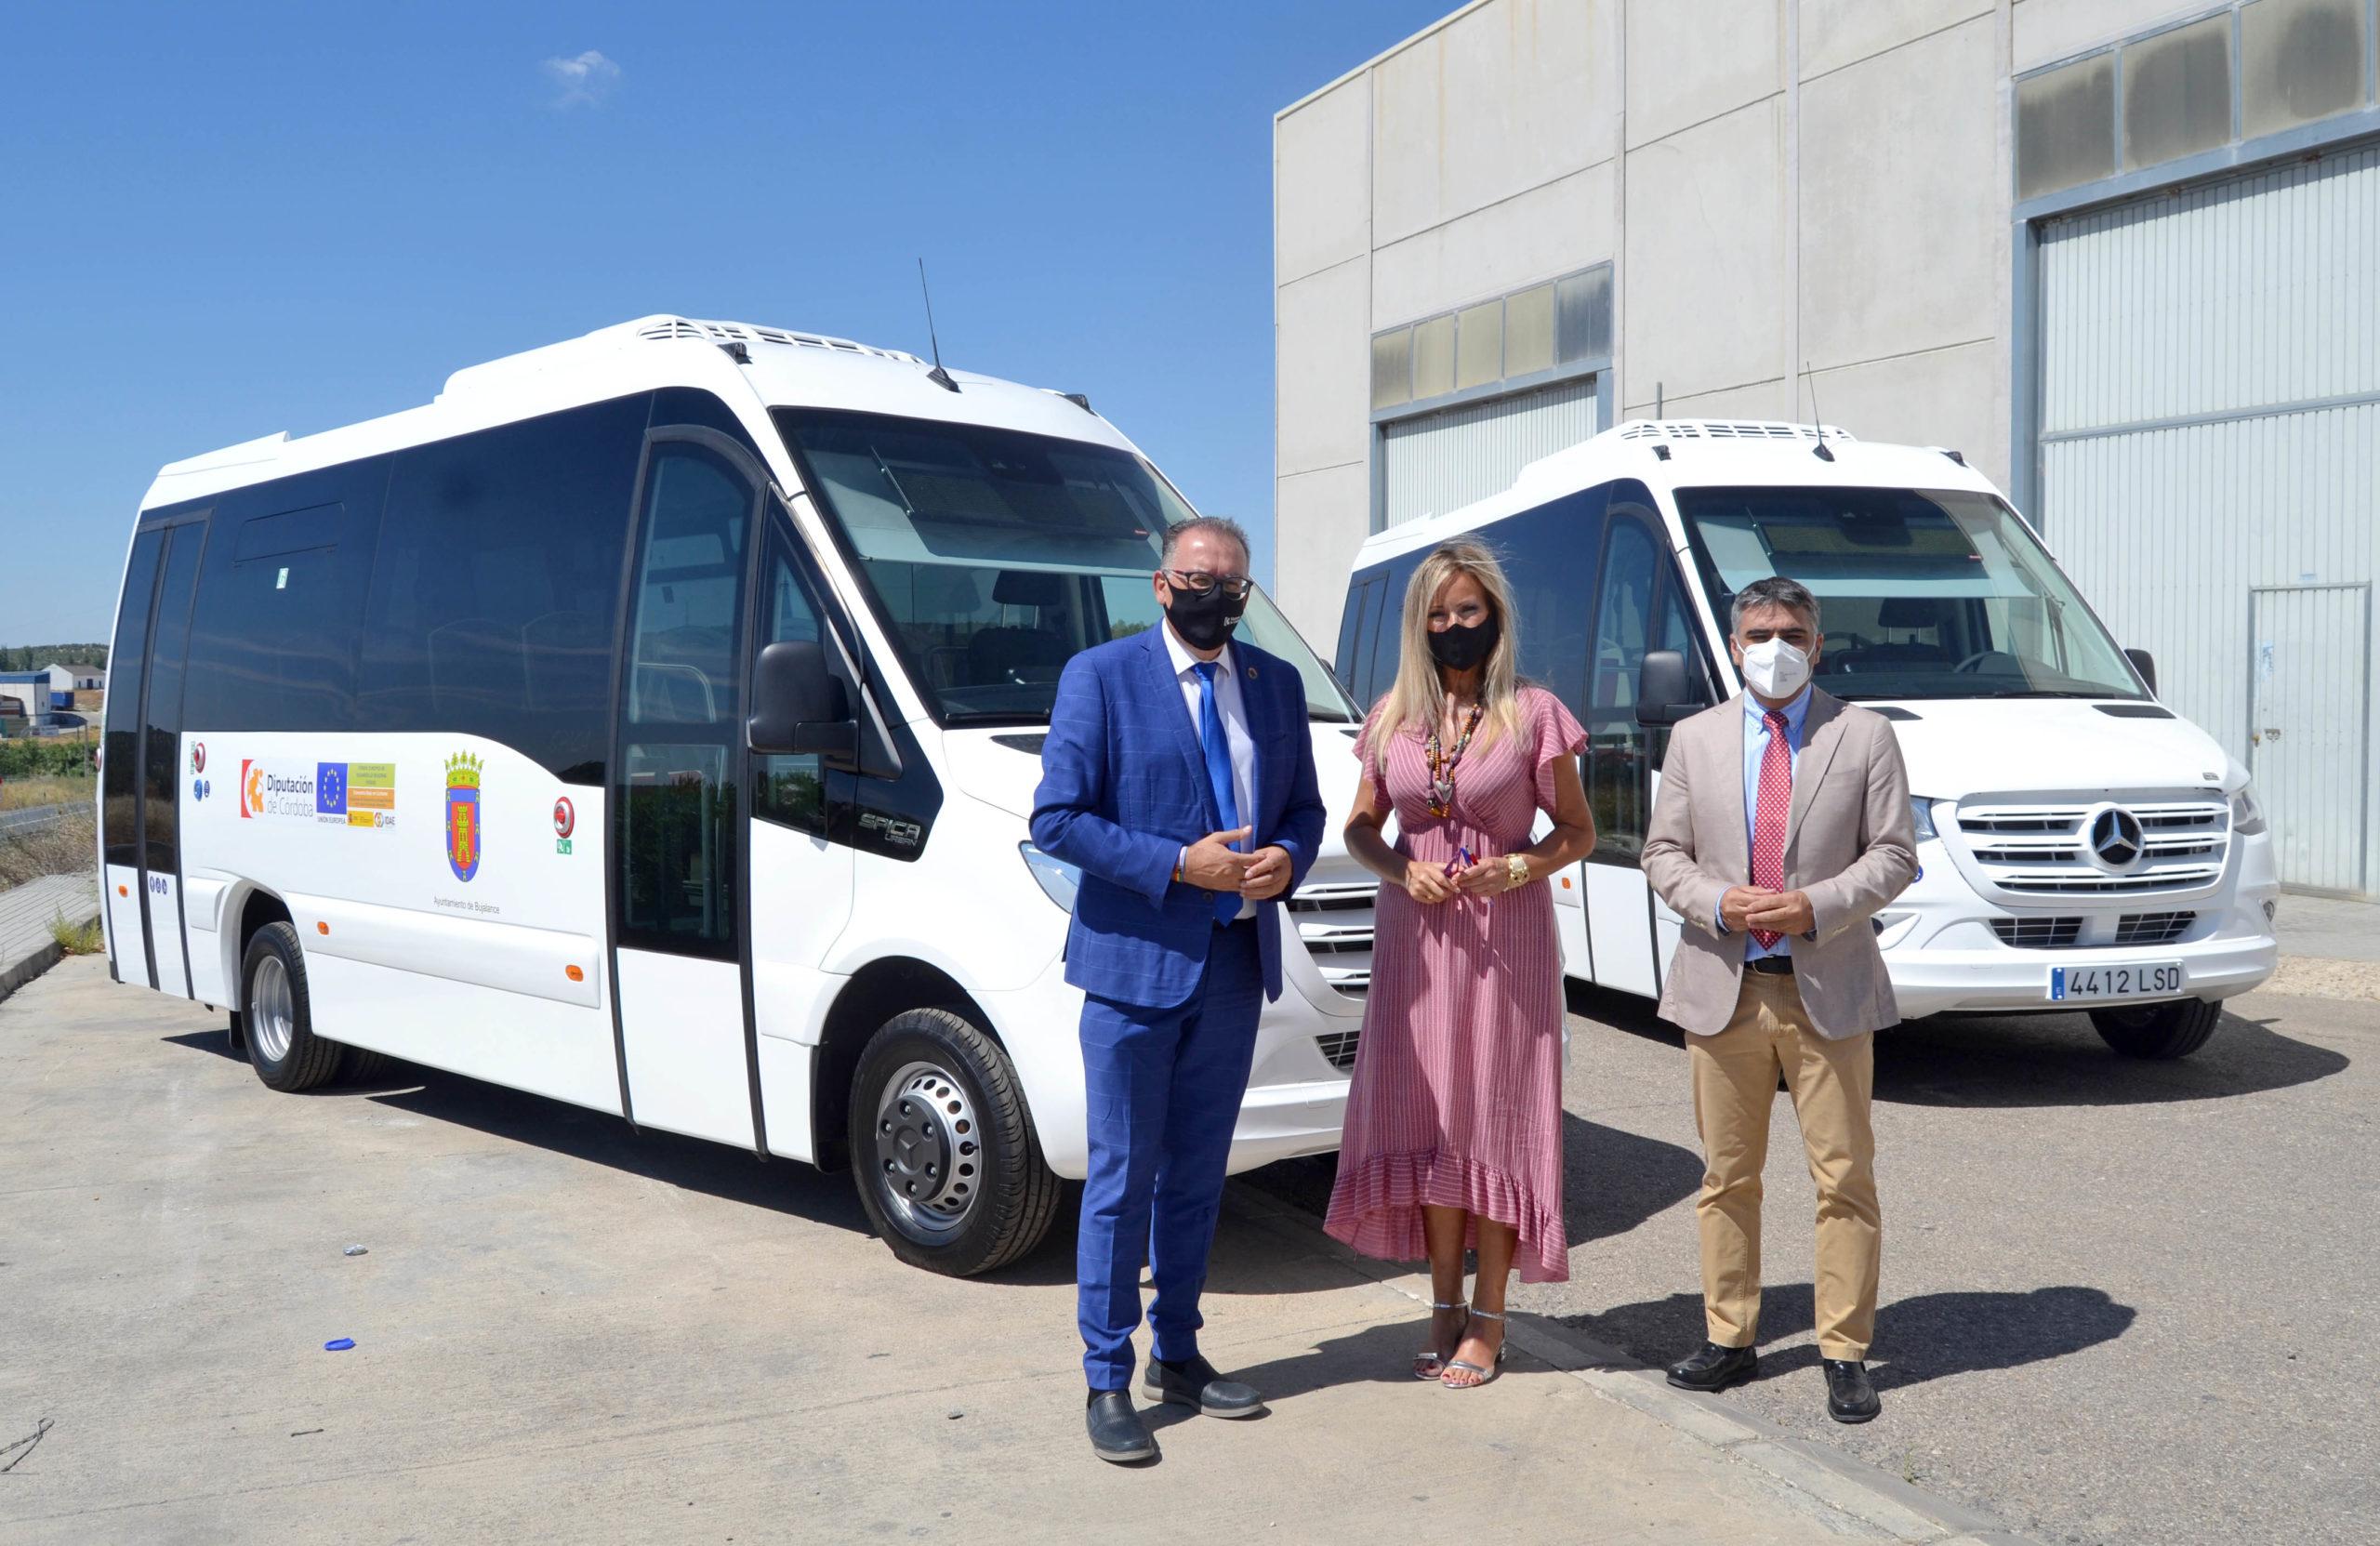 La Diputación de Córdoba entrega al Ayuntamiento de Bujalance dos microbuses de biodiésel para el transporte colectivo de viajeros